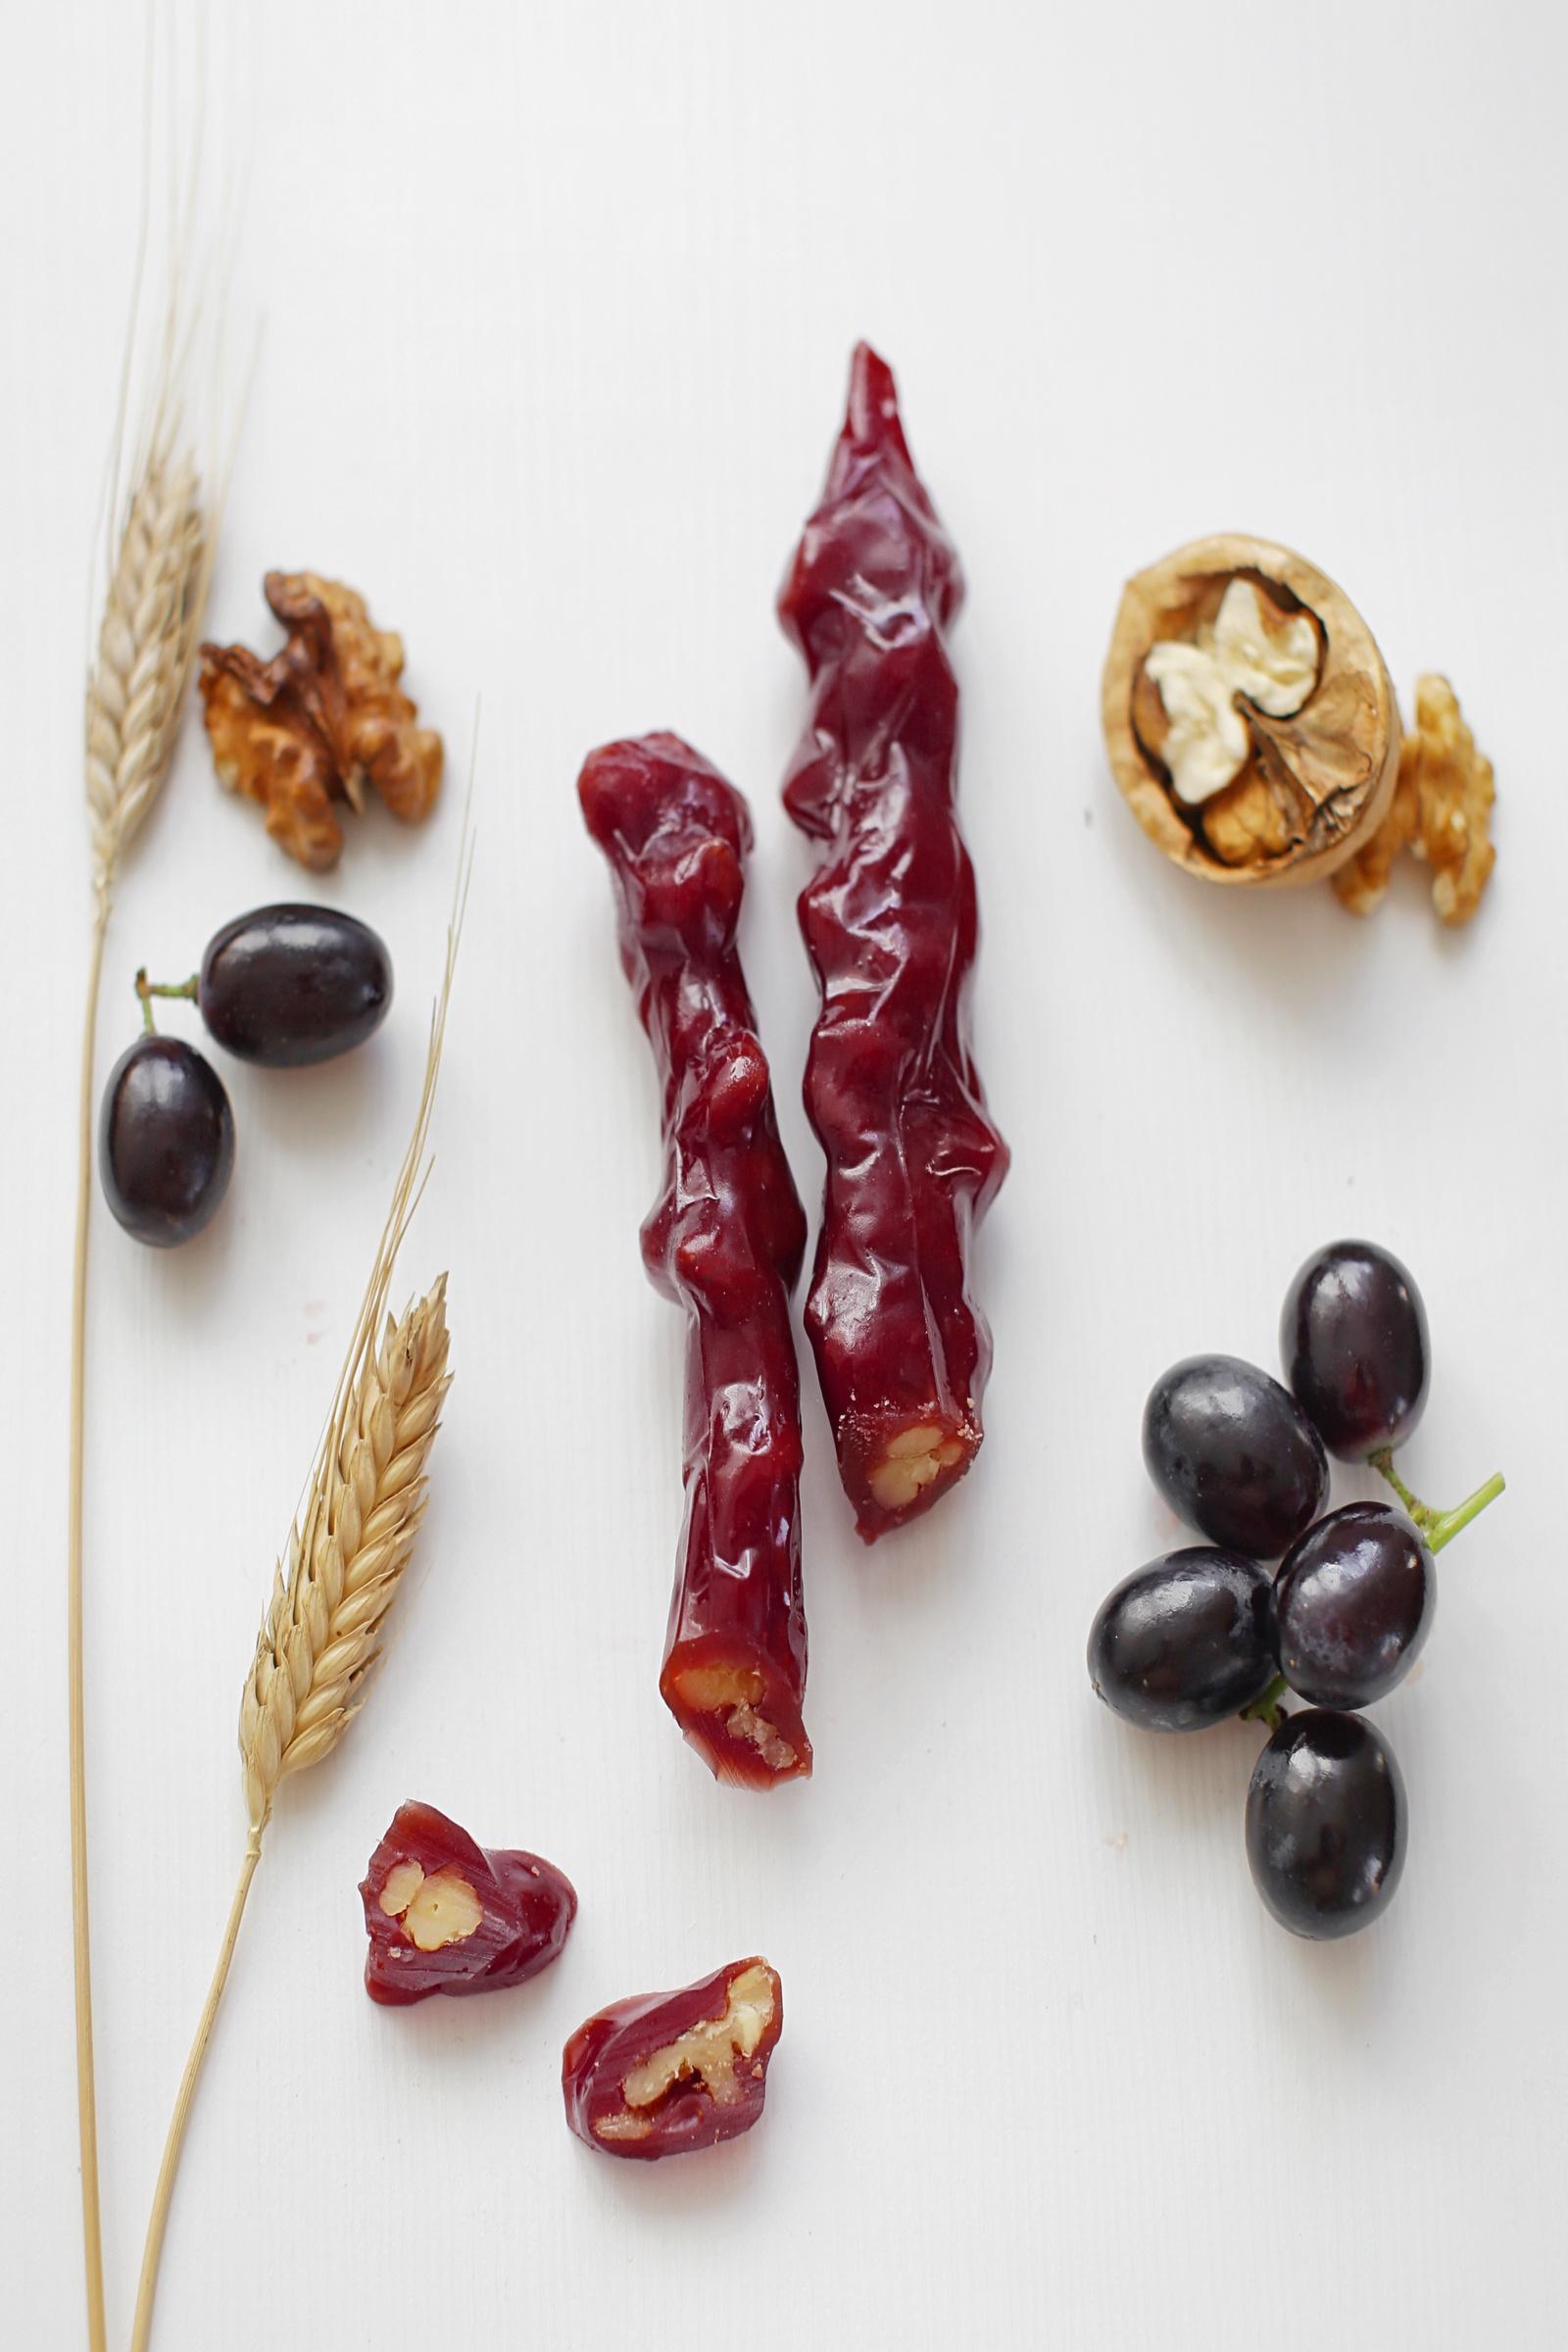 Фото - Чуч-хела виноградная темная с грецким орехом Ремесло вкуса чуч хела виноградная темная с грецким орехом ремесло вкуса